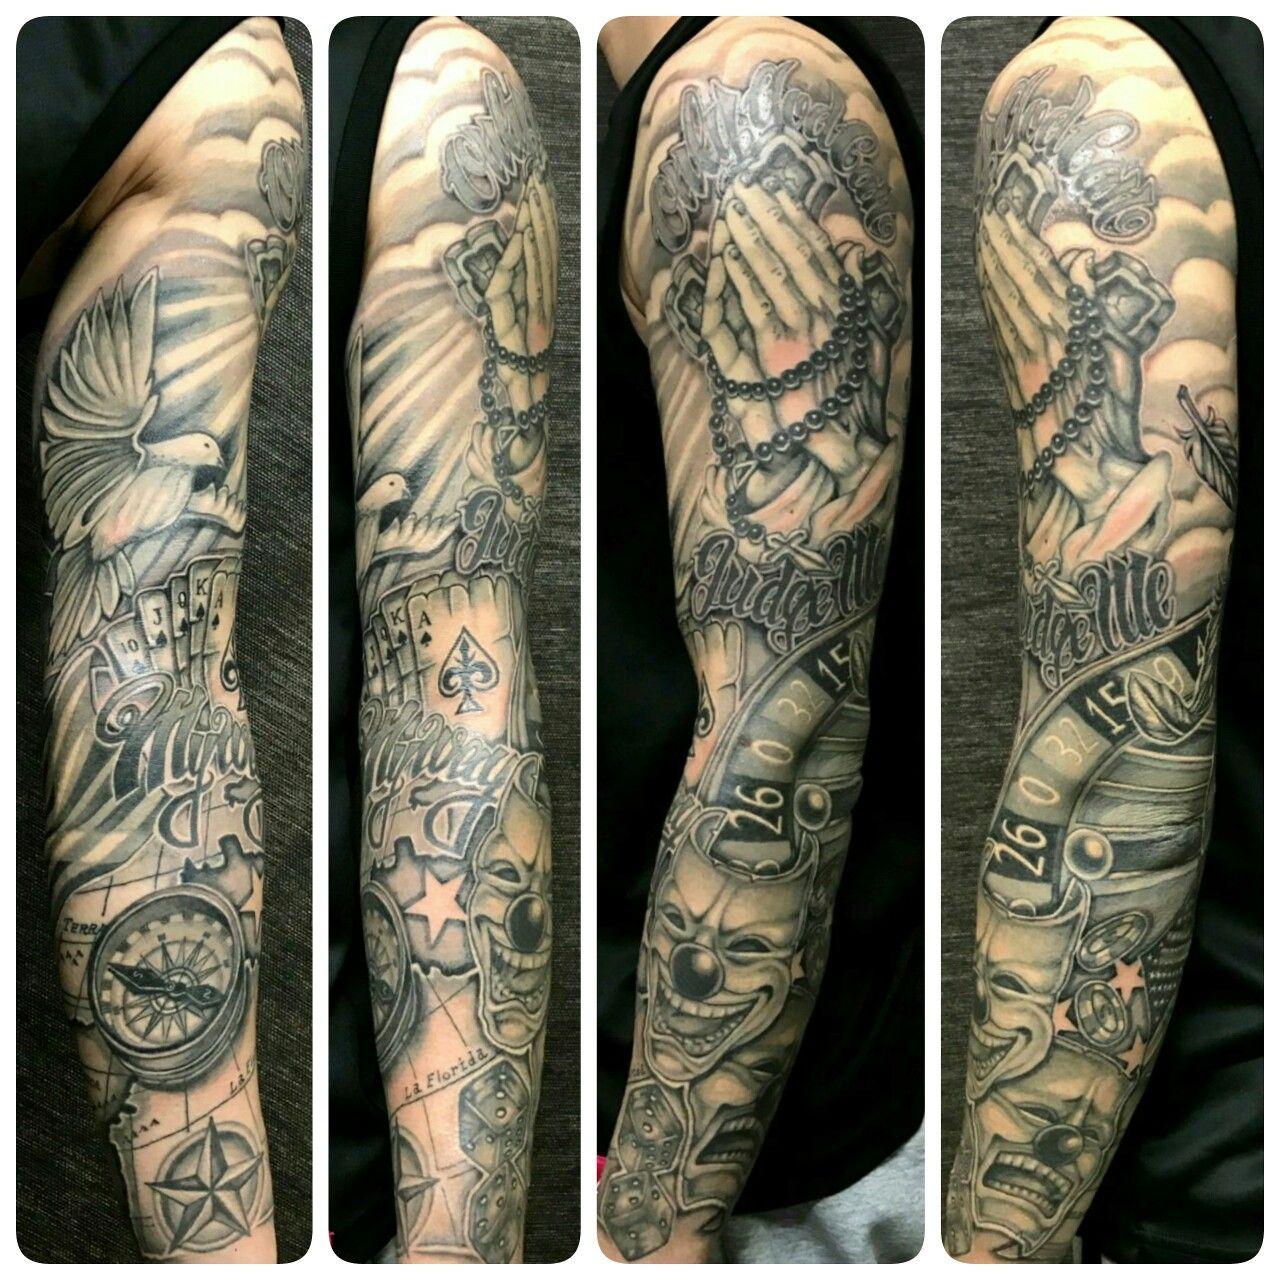 栃木県小山市 Skin Evolution Tattoo 女性彫師 Konomi ブログ タトゥー デザイン 腕 スリーブ タトゥー 幾何学 タトゥーデザイン